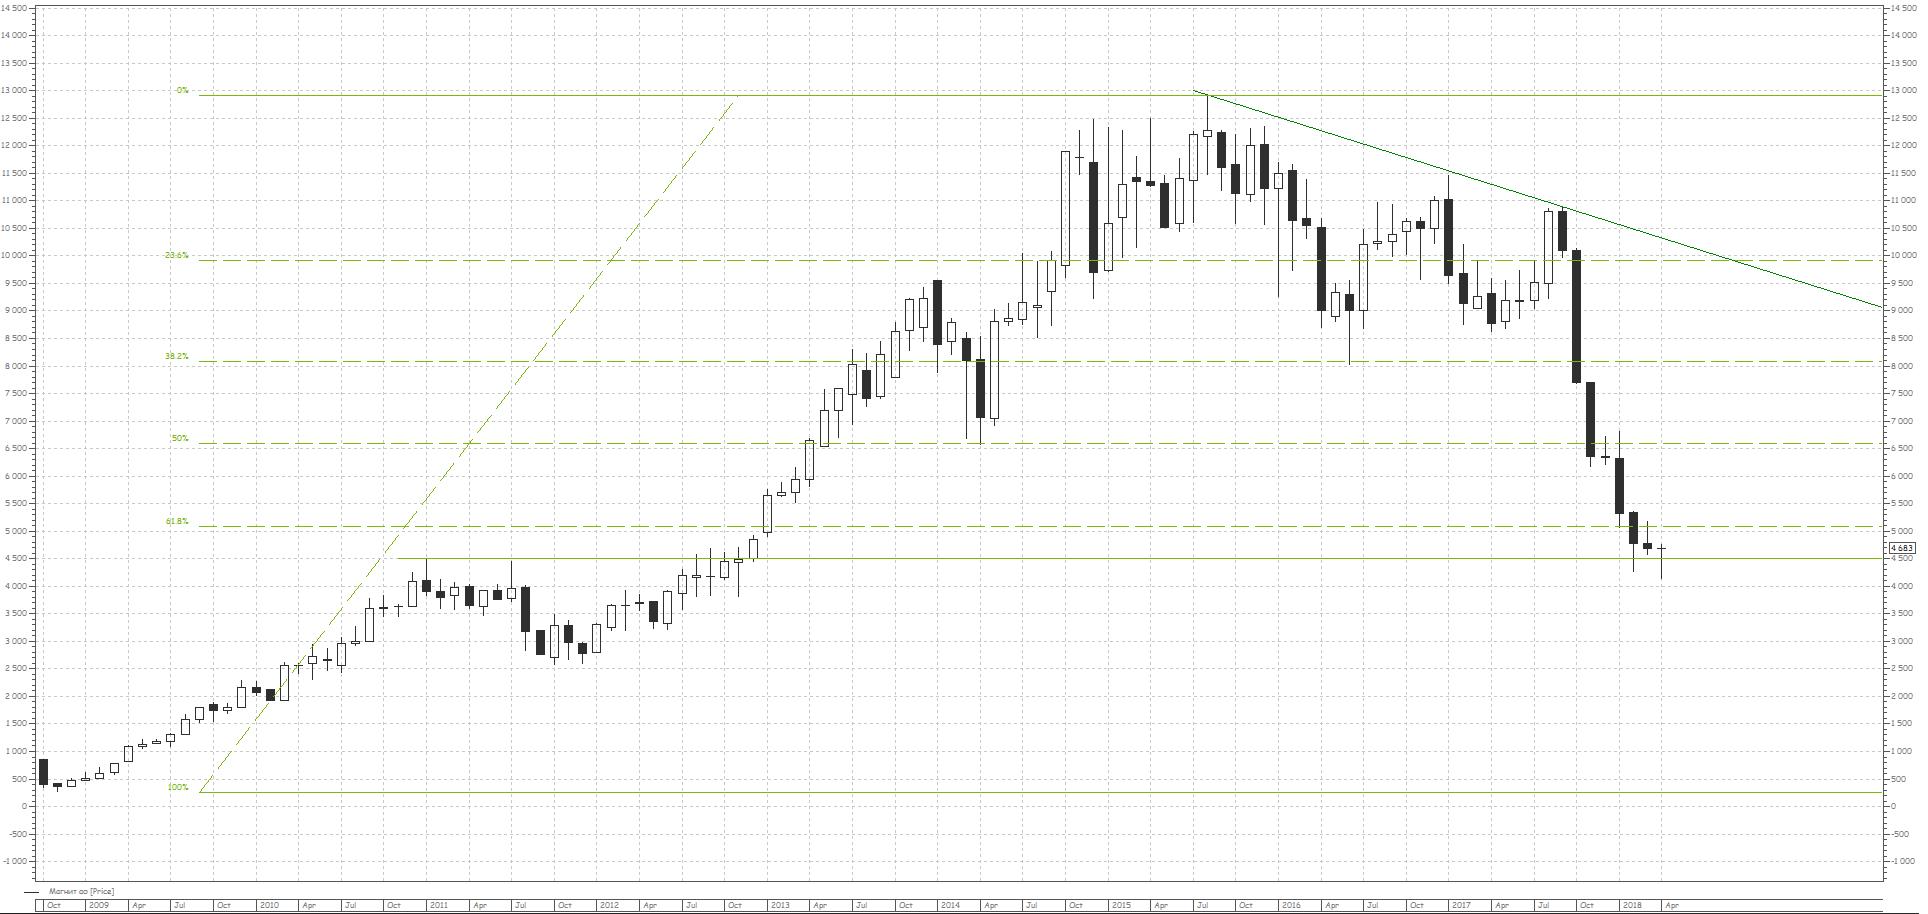 """График динамики цен на обыкновенные акции ПАО """"Магнит"""", недельный таймфрейм."""